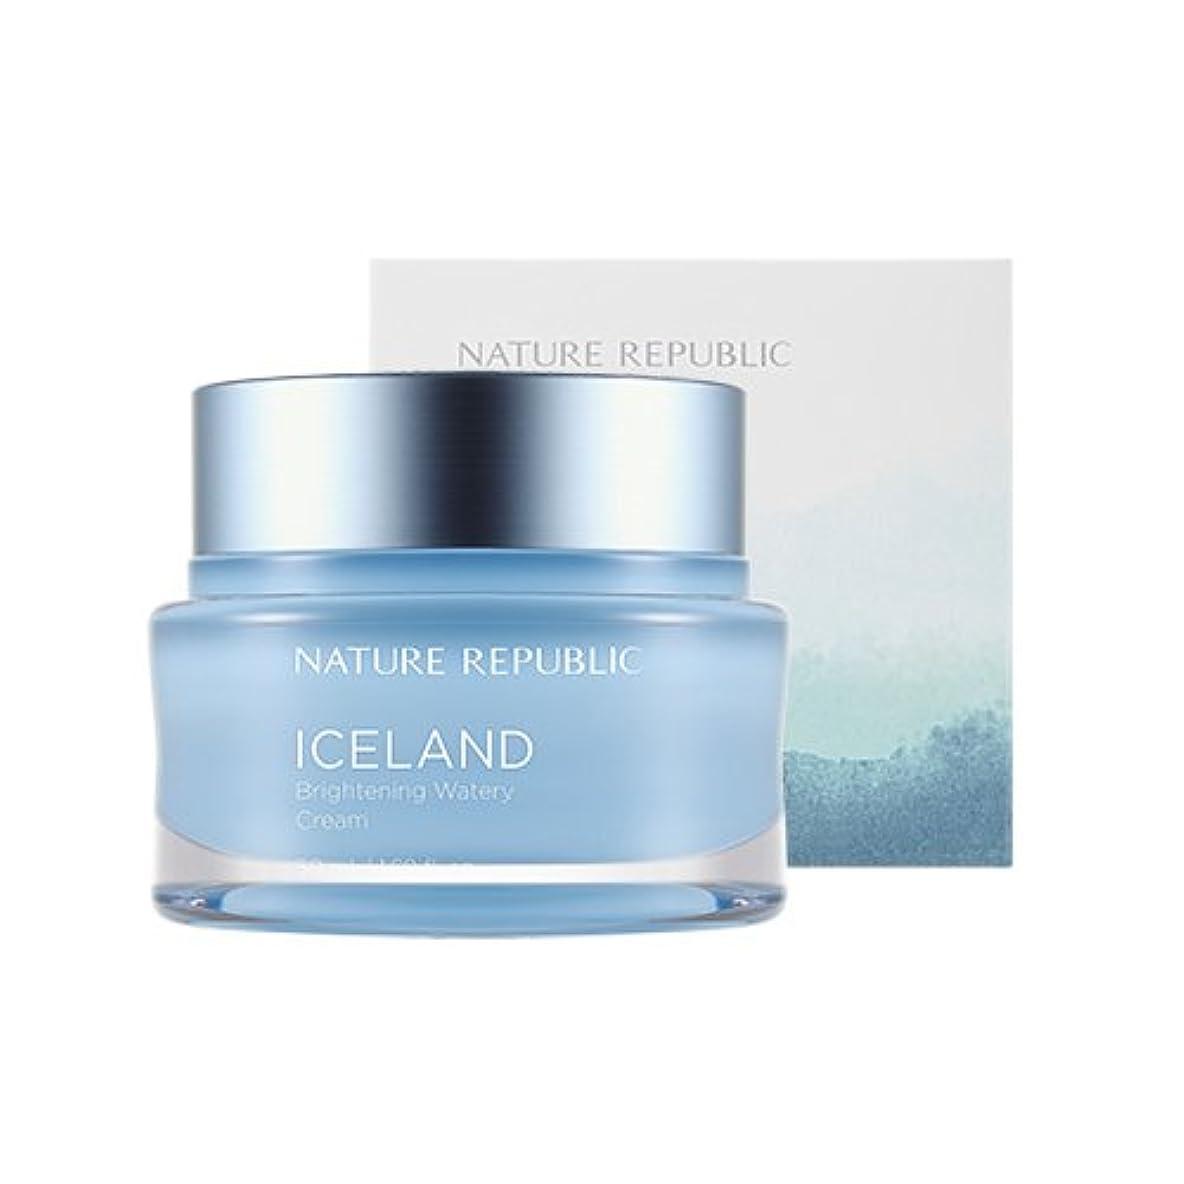 フィットネスお香逃れるNature Republic Iceland Brightening Watery Cream 50ml / ネイチャーリパブリック アイスランドランドブライトニング水分クリーム 50ml [並行輸入品]